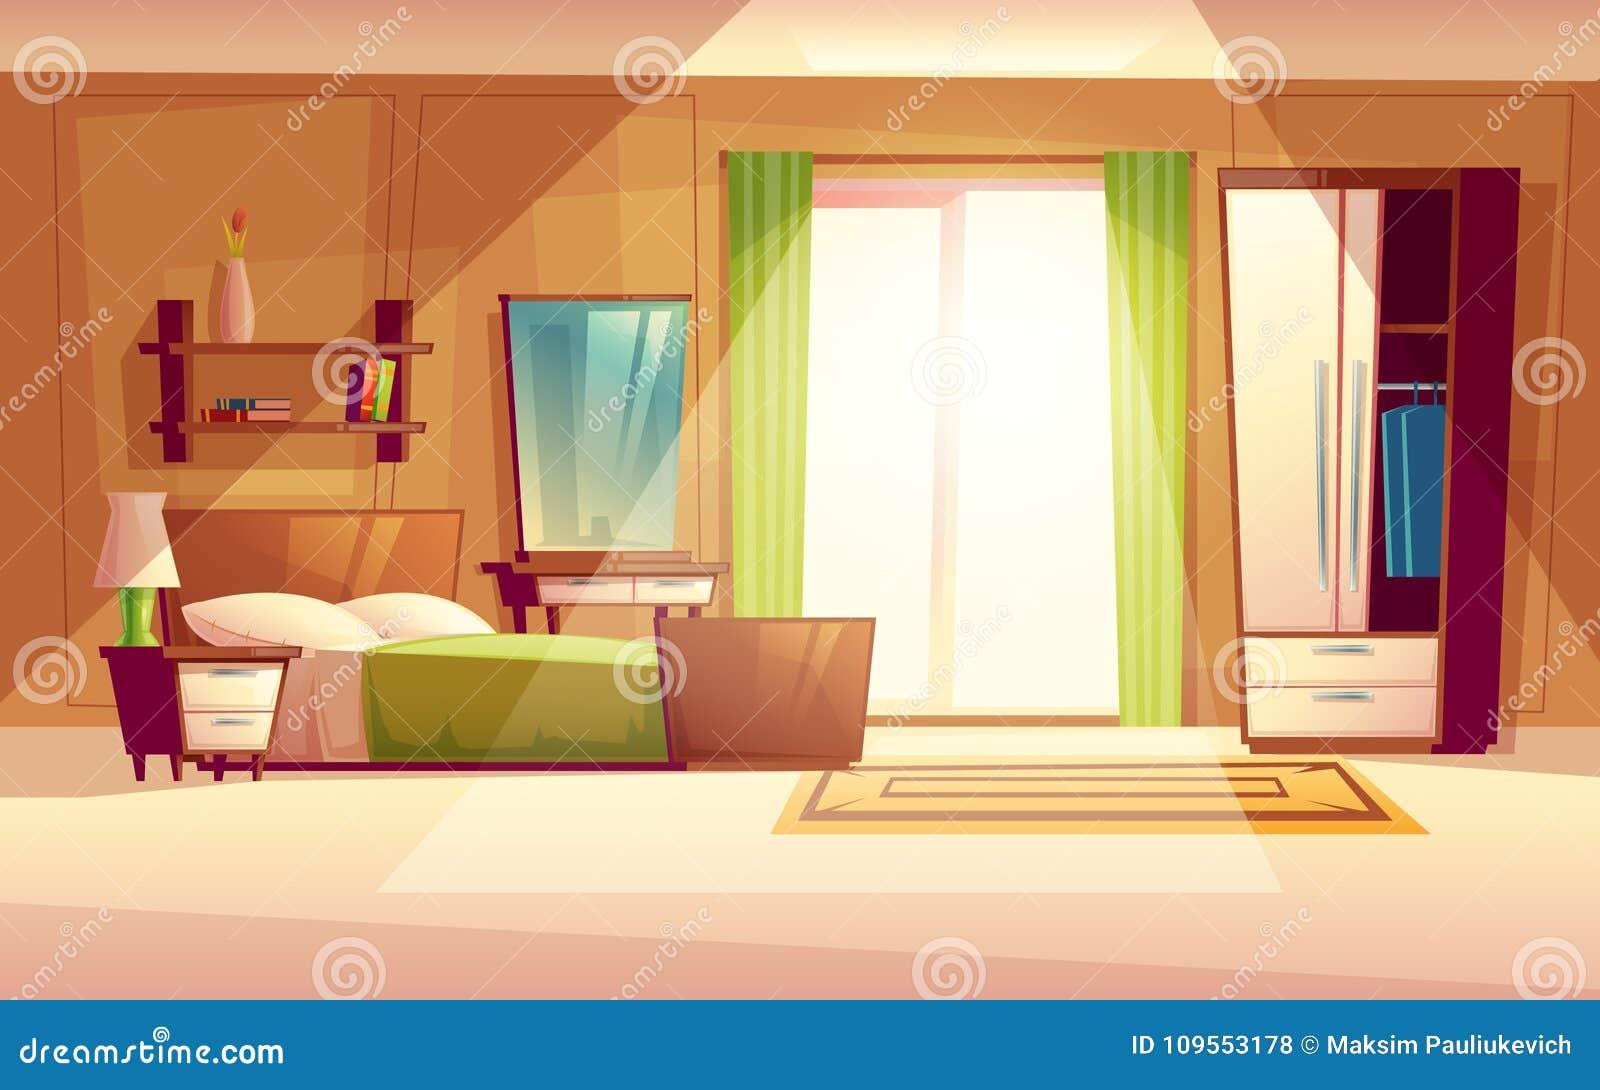 Illustrazione del fumetto di vettore di un interno della camera da letto illustrazione - La finestra della camera da letto ...